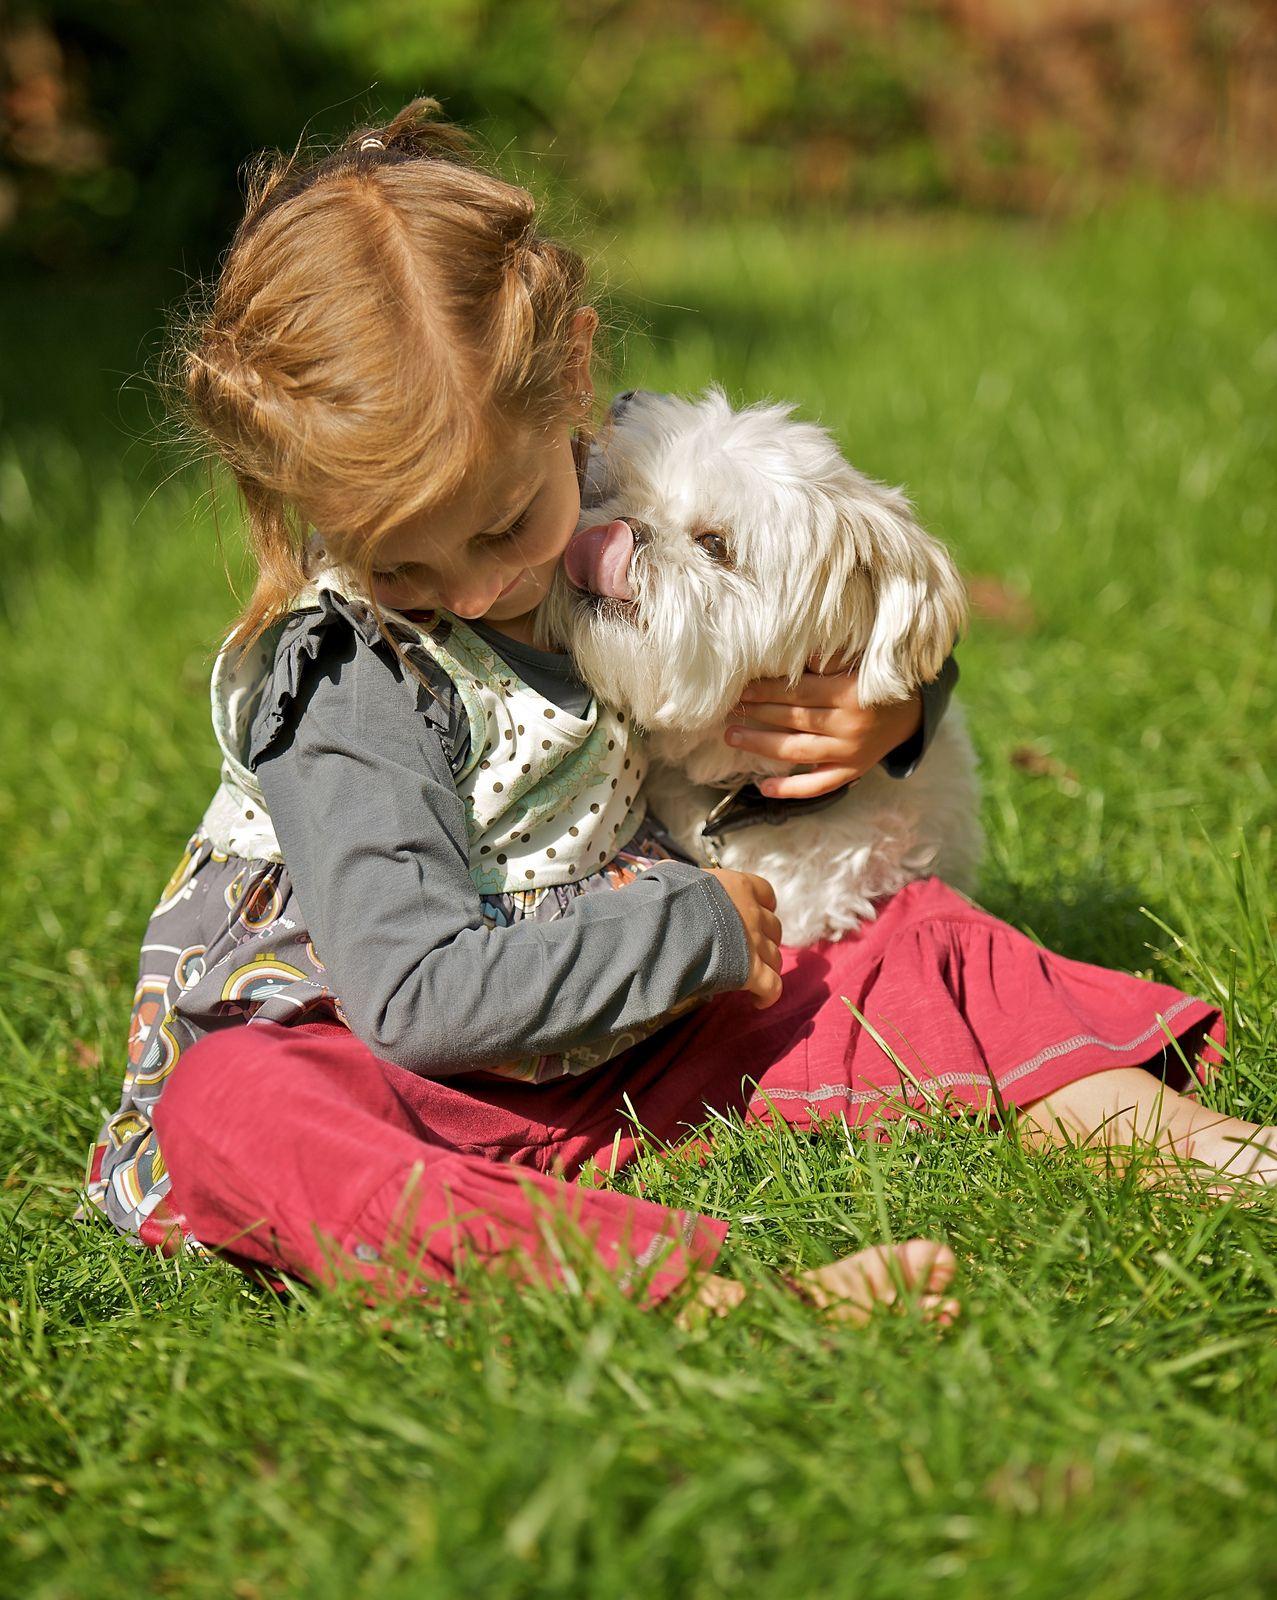 10. A Dog's Love Back